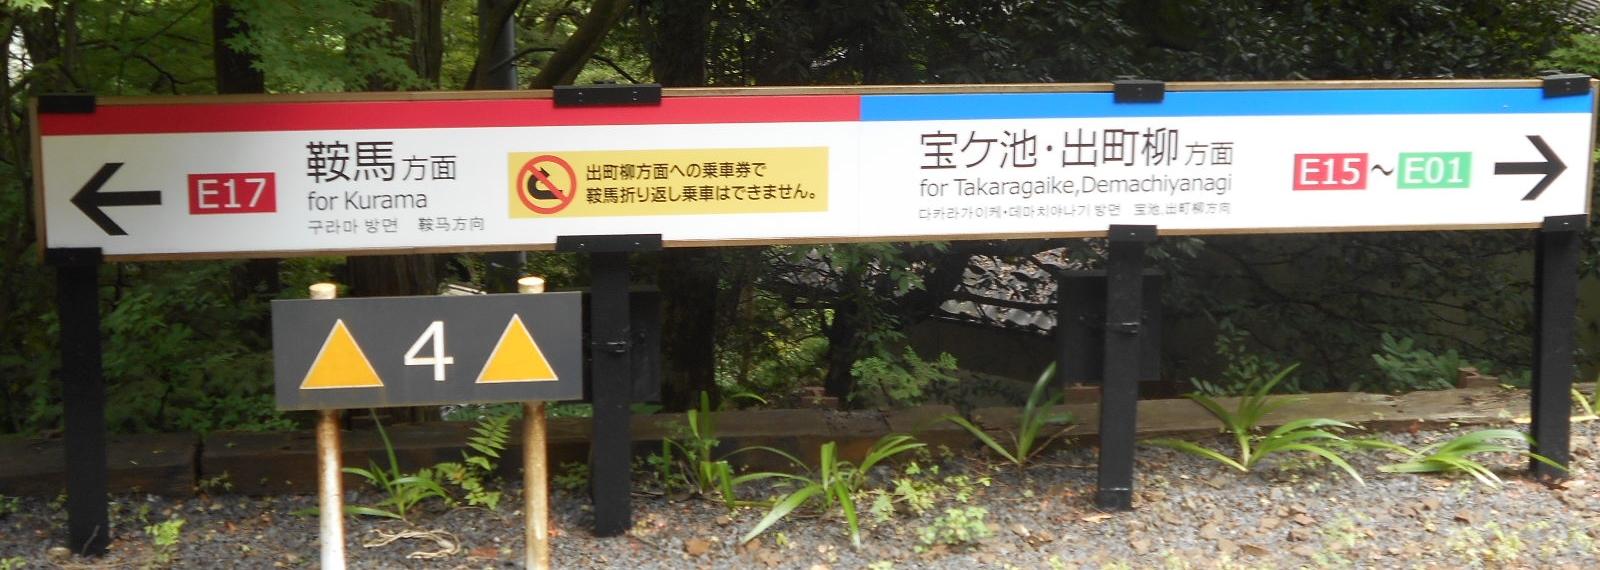 貴船口駅標識